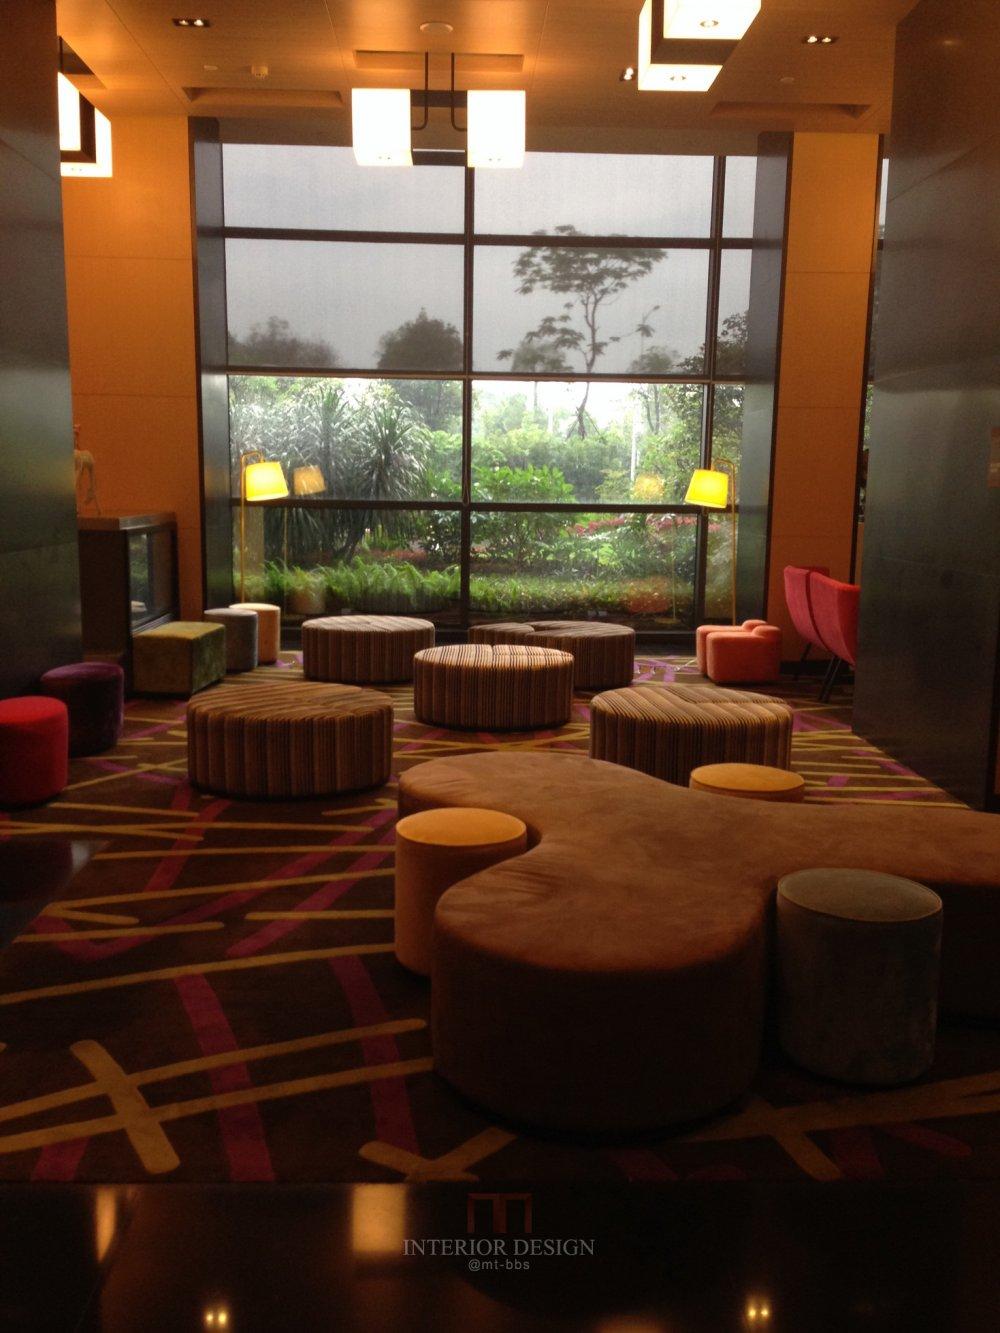 广州大学城雅乐轩酒店ALOFT GUANGZHOU UNIVERSITY PARK自拍分享_IMG_2706.JPG